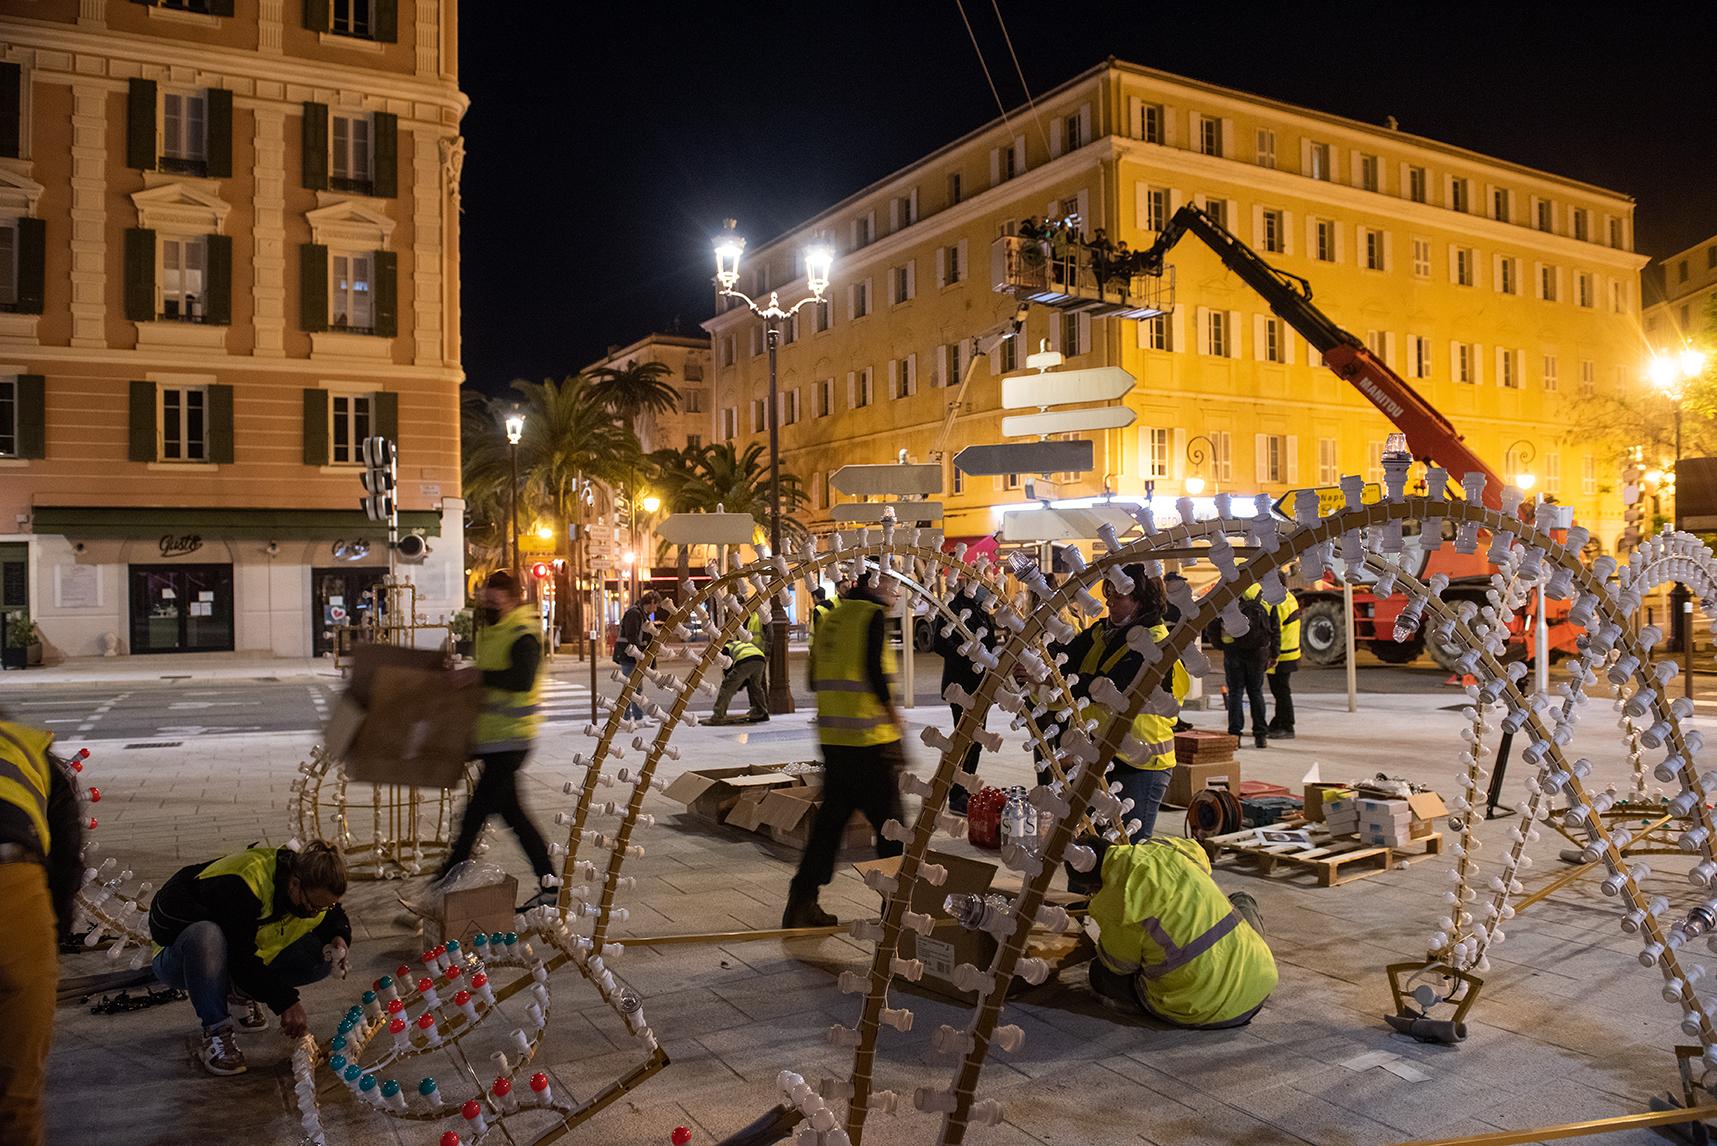 Dans la nuit de lundi, quelques heures avant l'accrochage de la couronne, les agents municipaux de l'éclairage public ont vissé les milliers d'ampoules sur place.